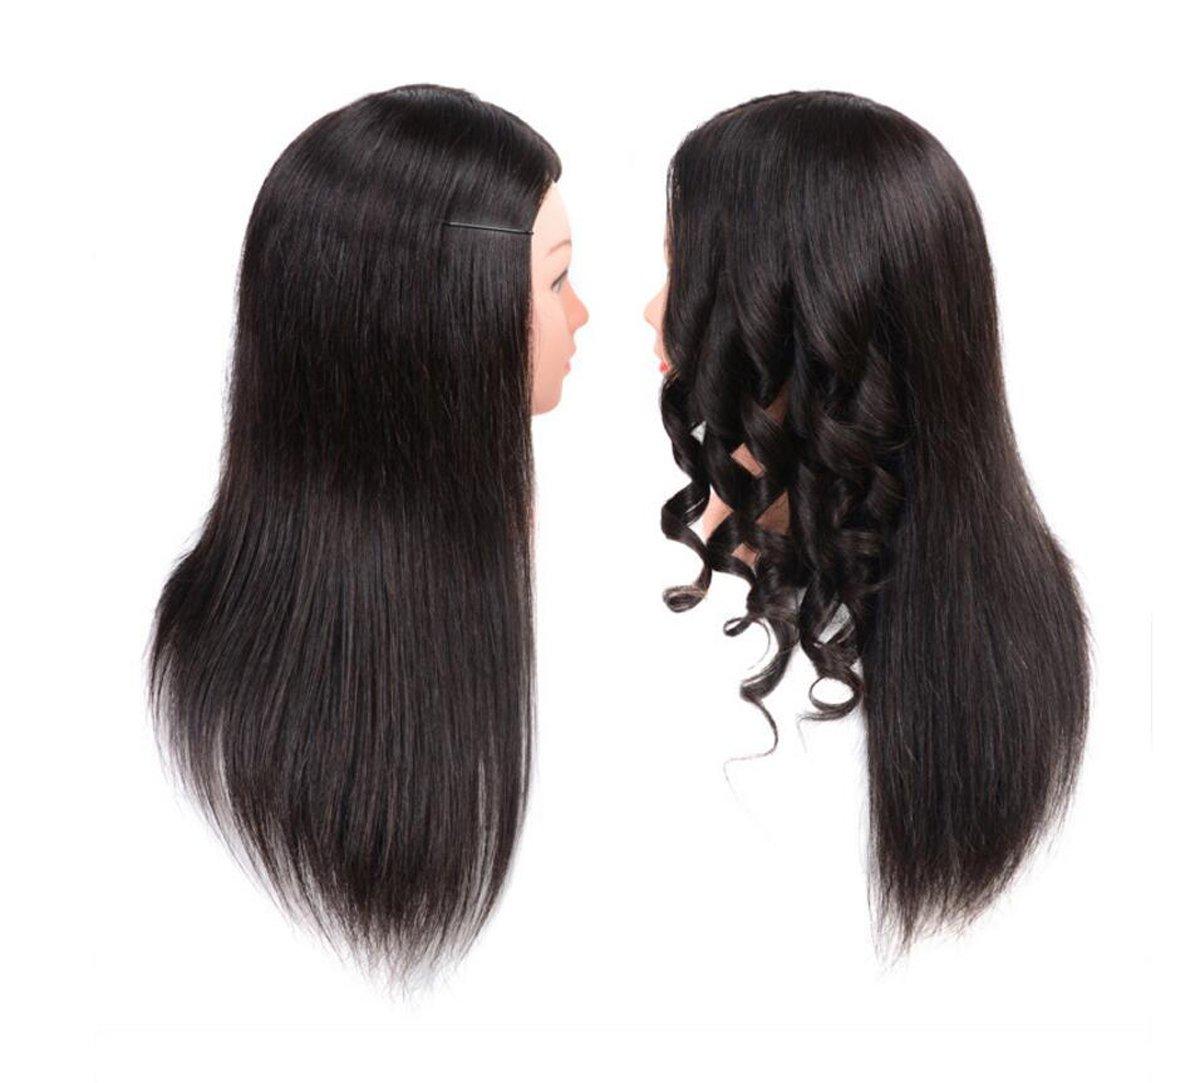 Aozzy Training Head Peluquería 100% cabello humano real Cosmetology Peluquería Maniquí Manikin Head (abrazadera de mesa incluido) (marrón)